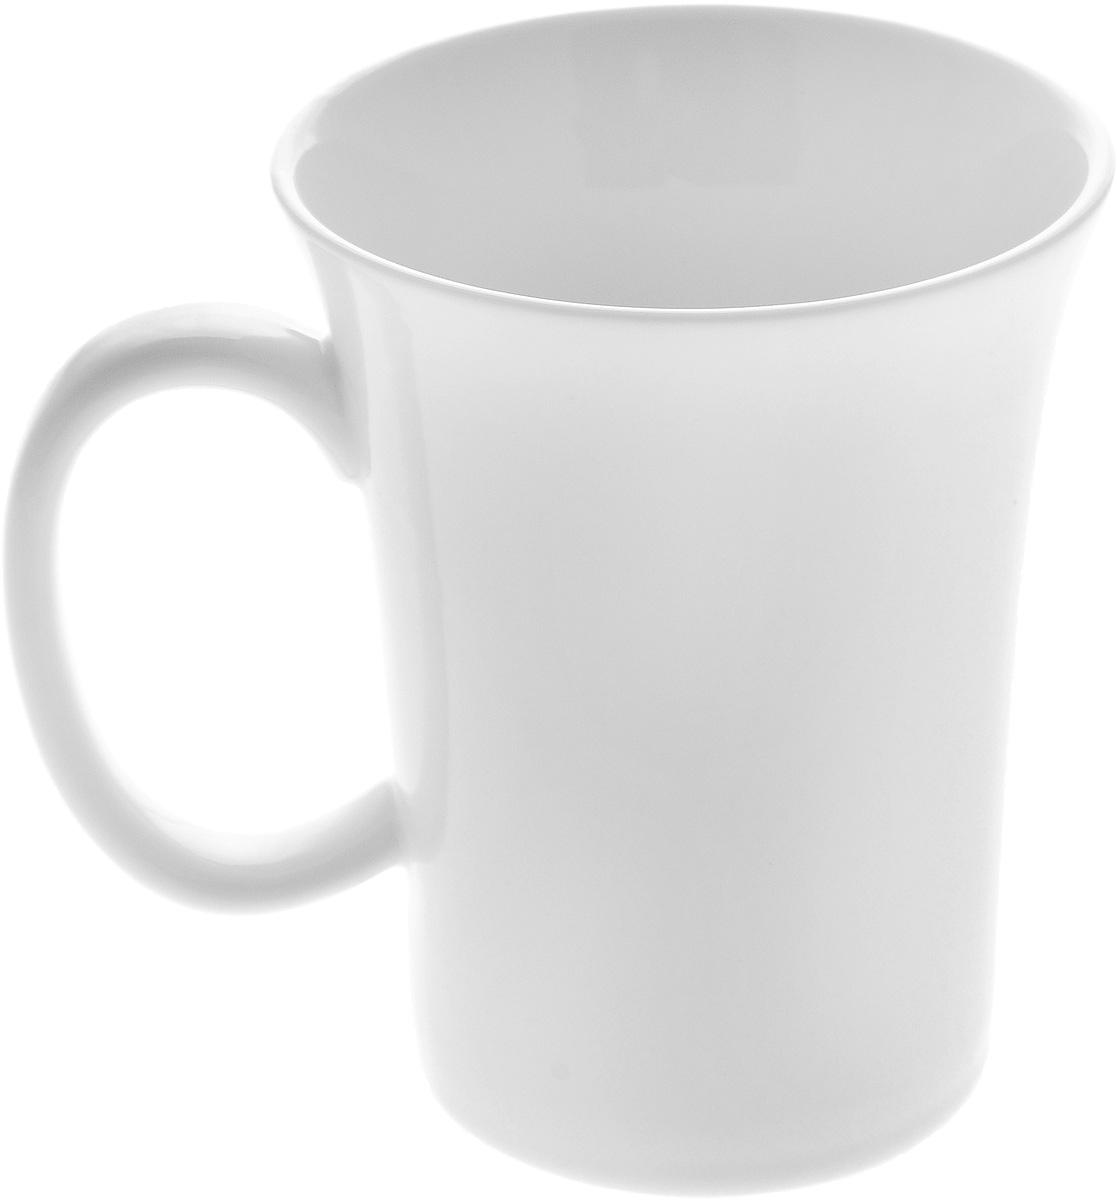 """Кружка """"Wilmax"""" изготовлена из высококачественного фарфора и сочетает в себе оригинальный дизайн и функциональность. Такая кружка идеально впишется в интерьер современной кухни, а также станет хорошим и практичным подарком на любой праздник. Диаметр кружки(по верхнему краю): 9 см."""